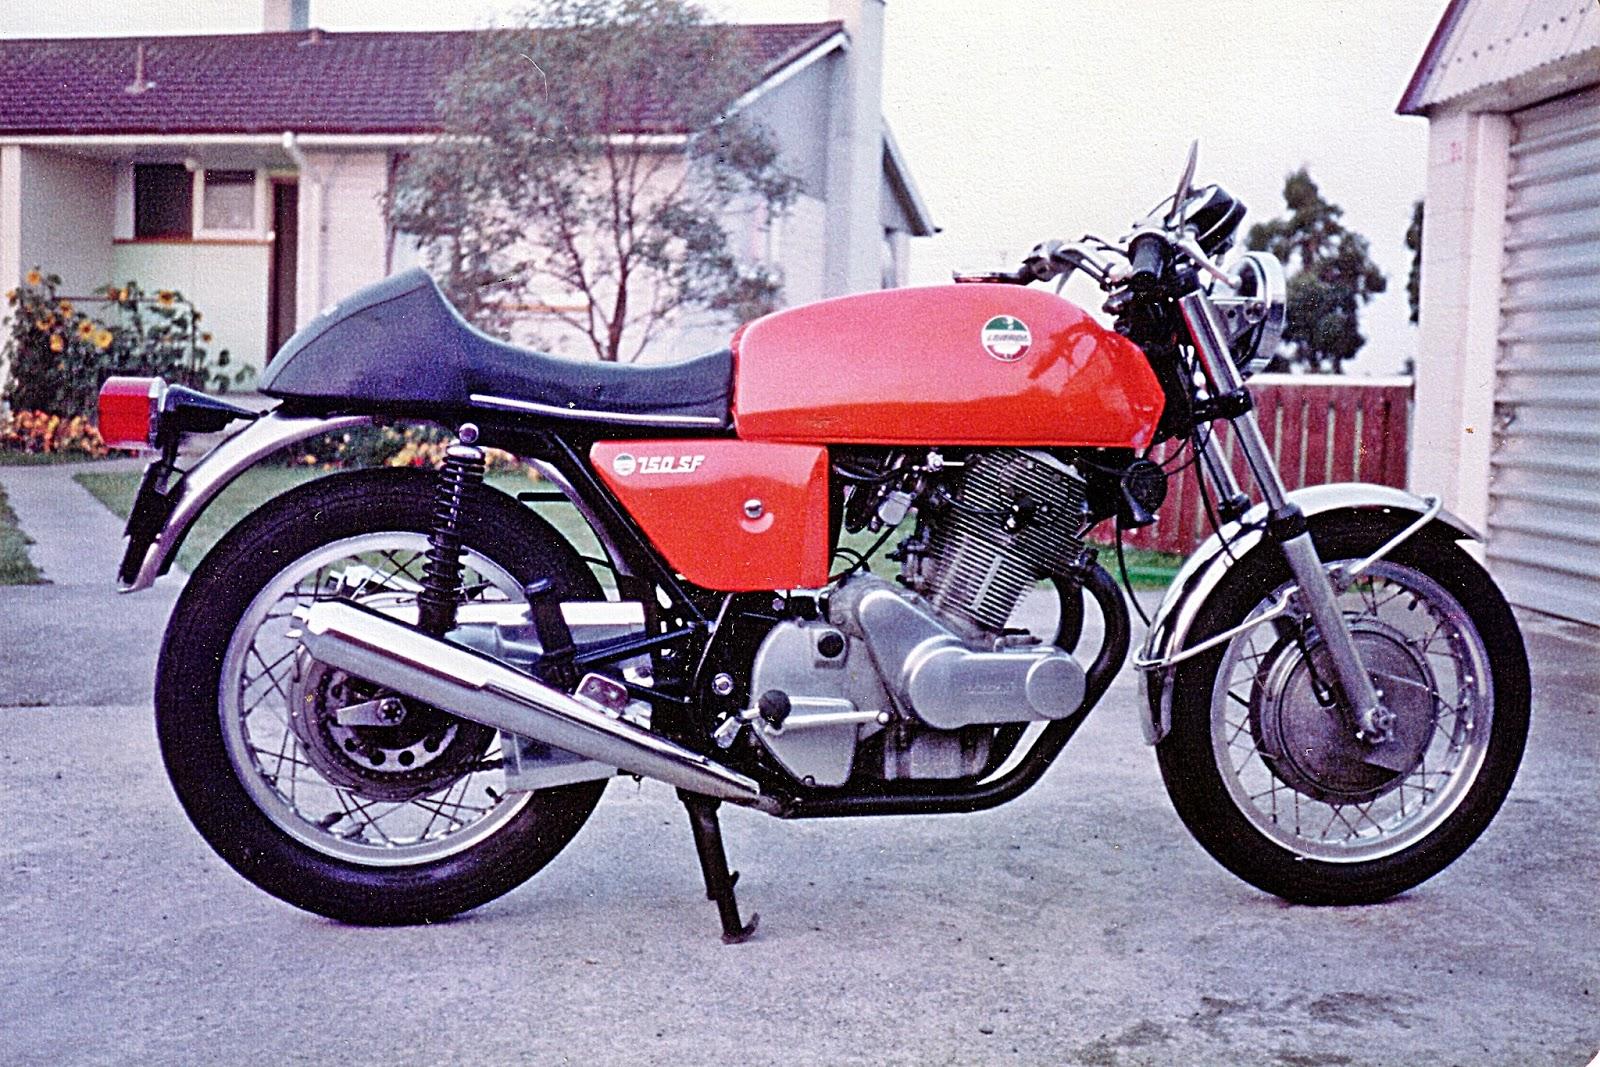 laverda 1000 motorcycle engine diagram [ 1600 x 1067 Pixel ]